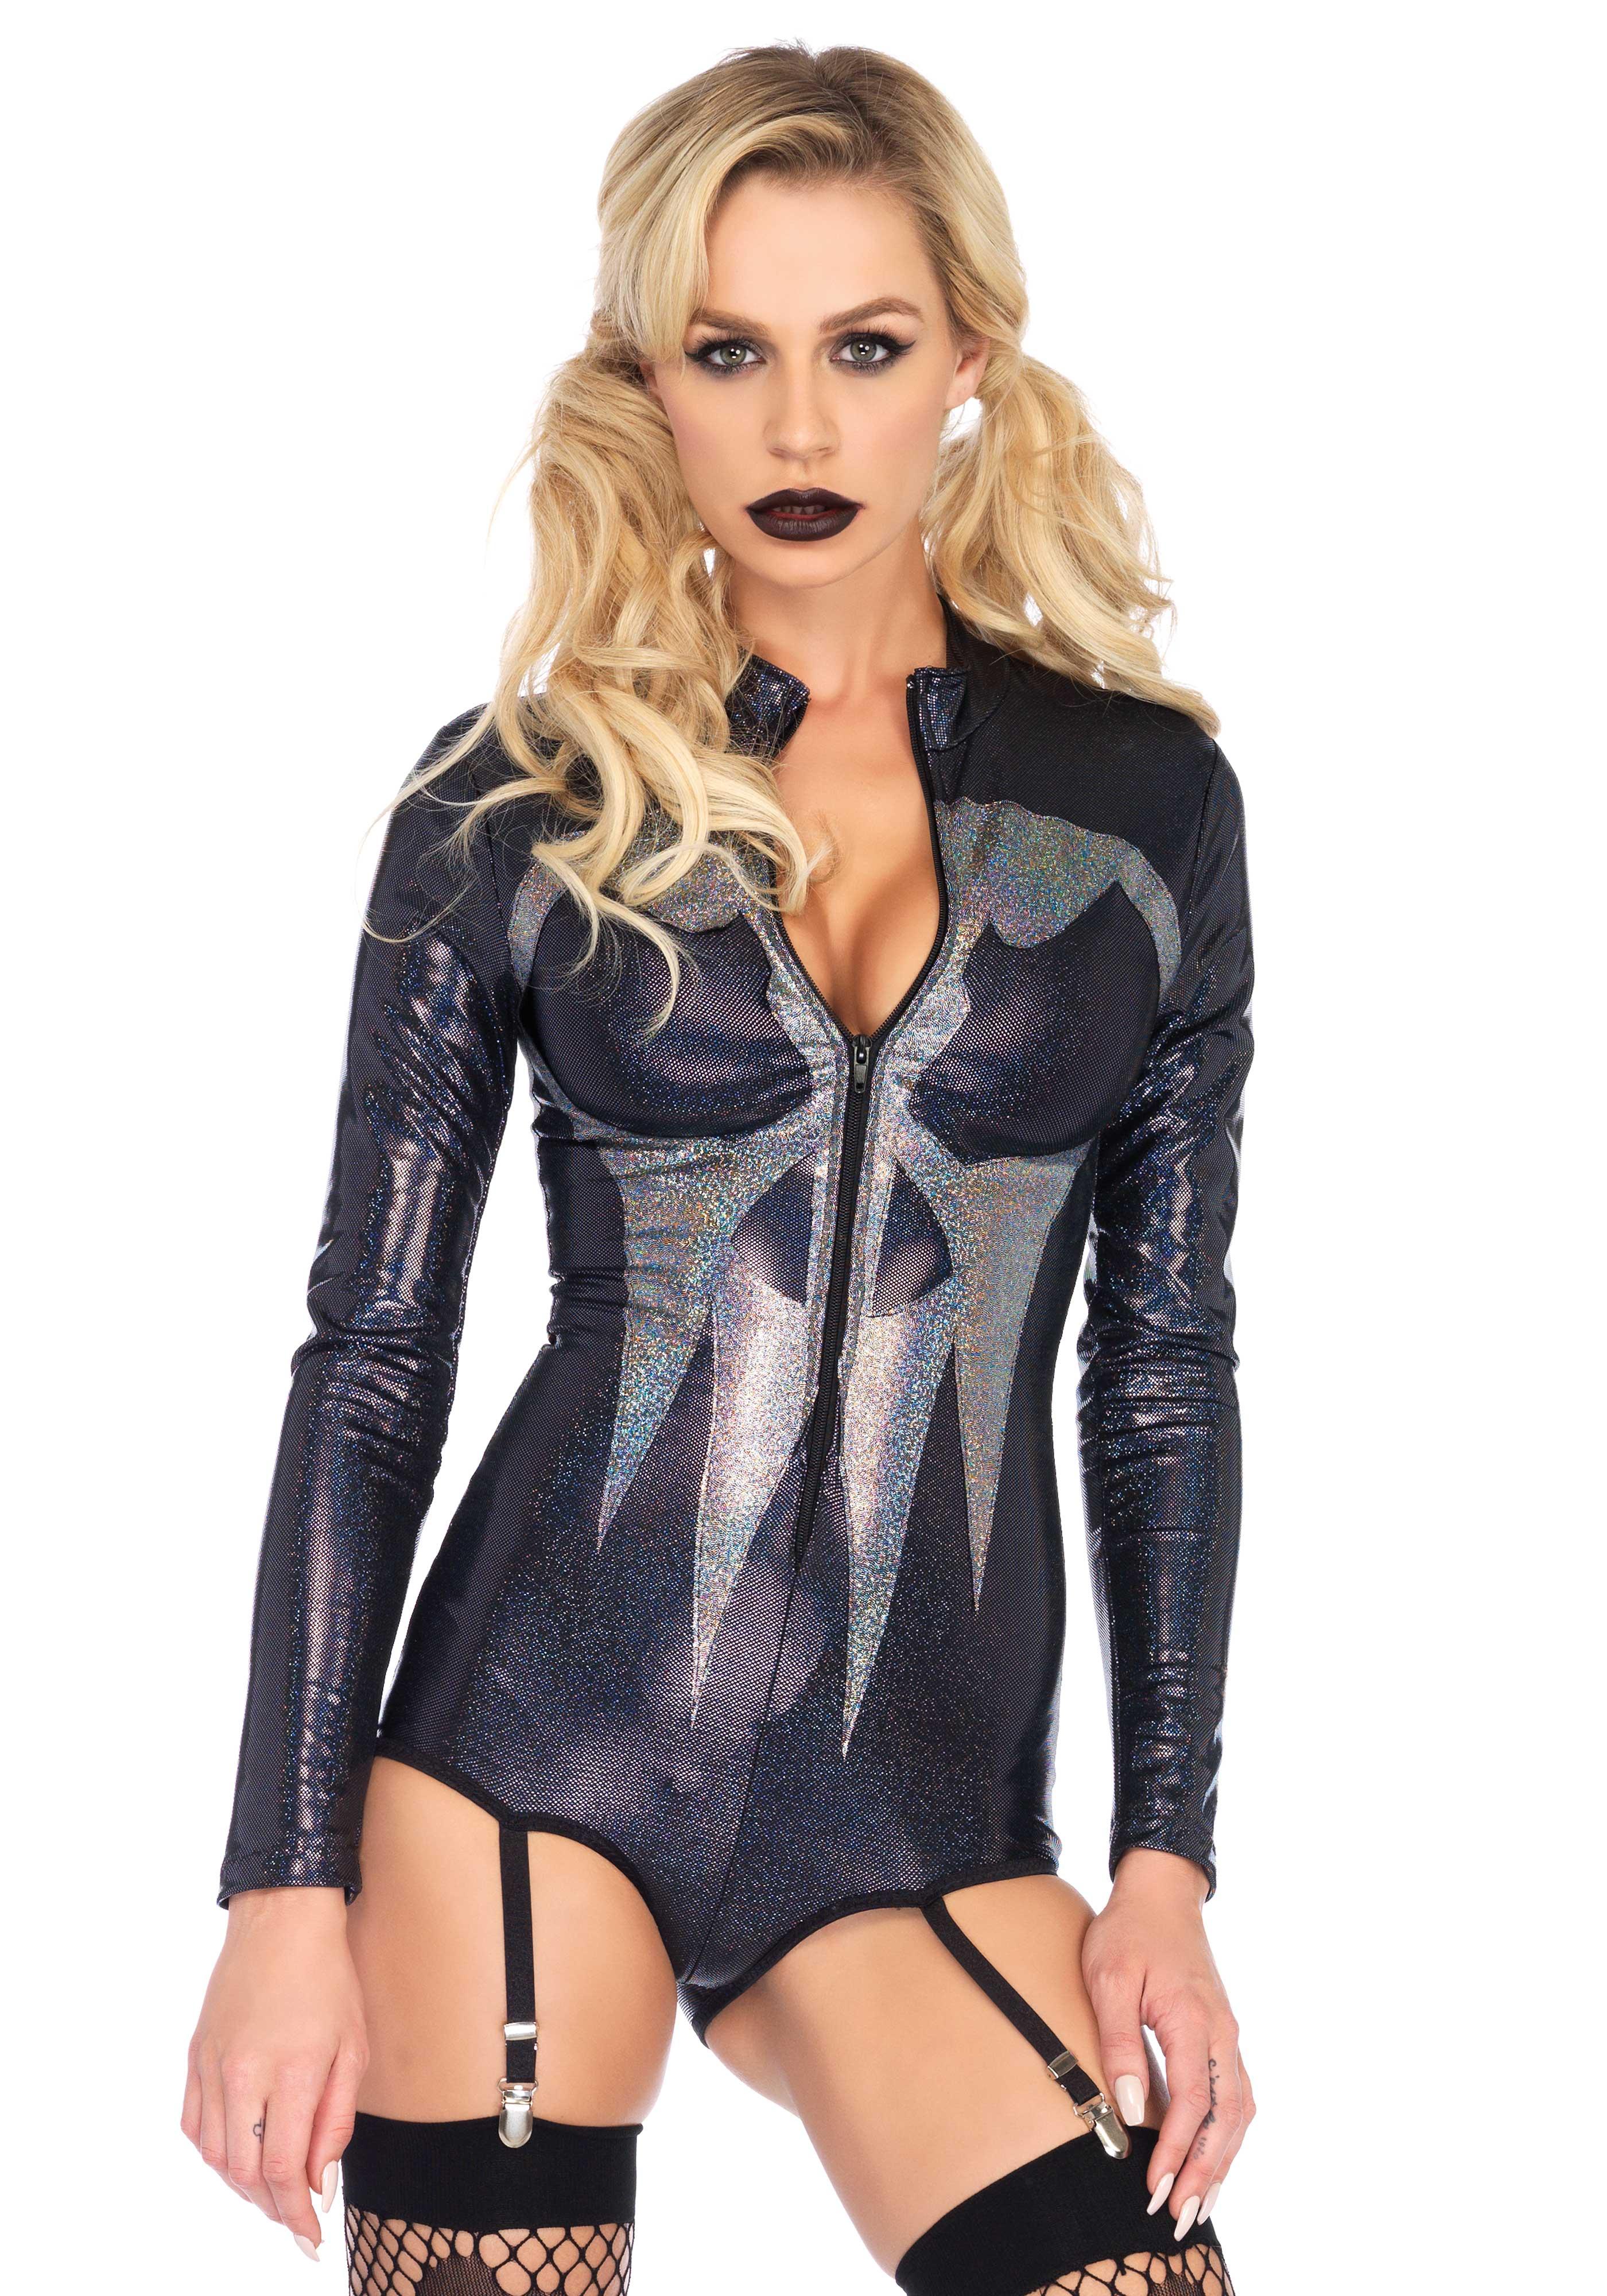 Shimmer iridescent skull garter bodysuit for a do it yourself shimmer iridescent skull garter bodysuit for a do it yourself costume solutioingenieria Choice Image